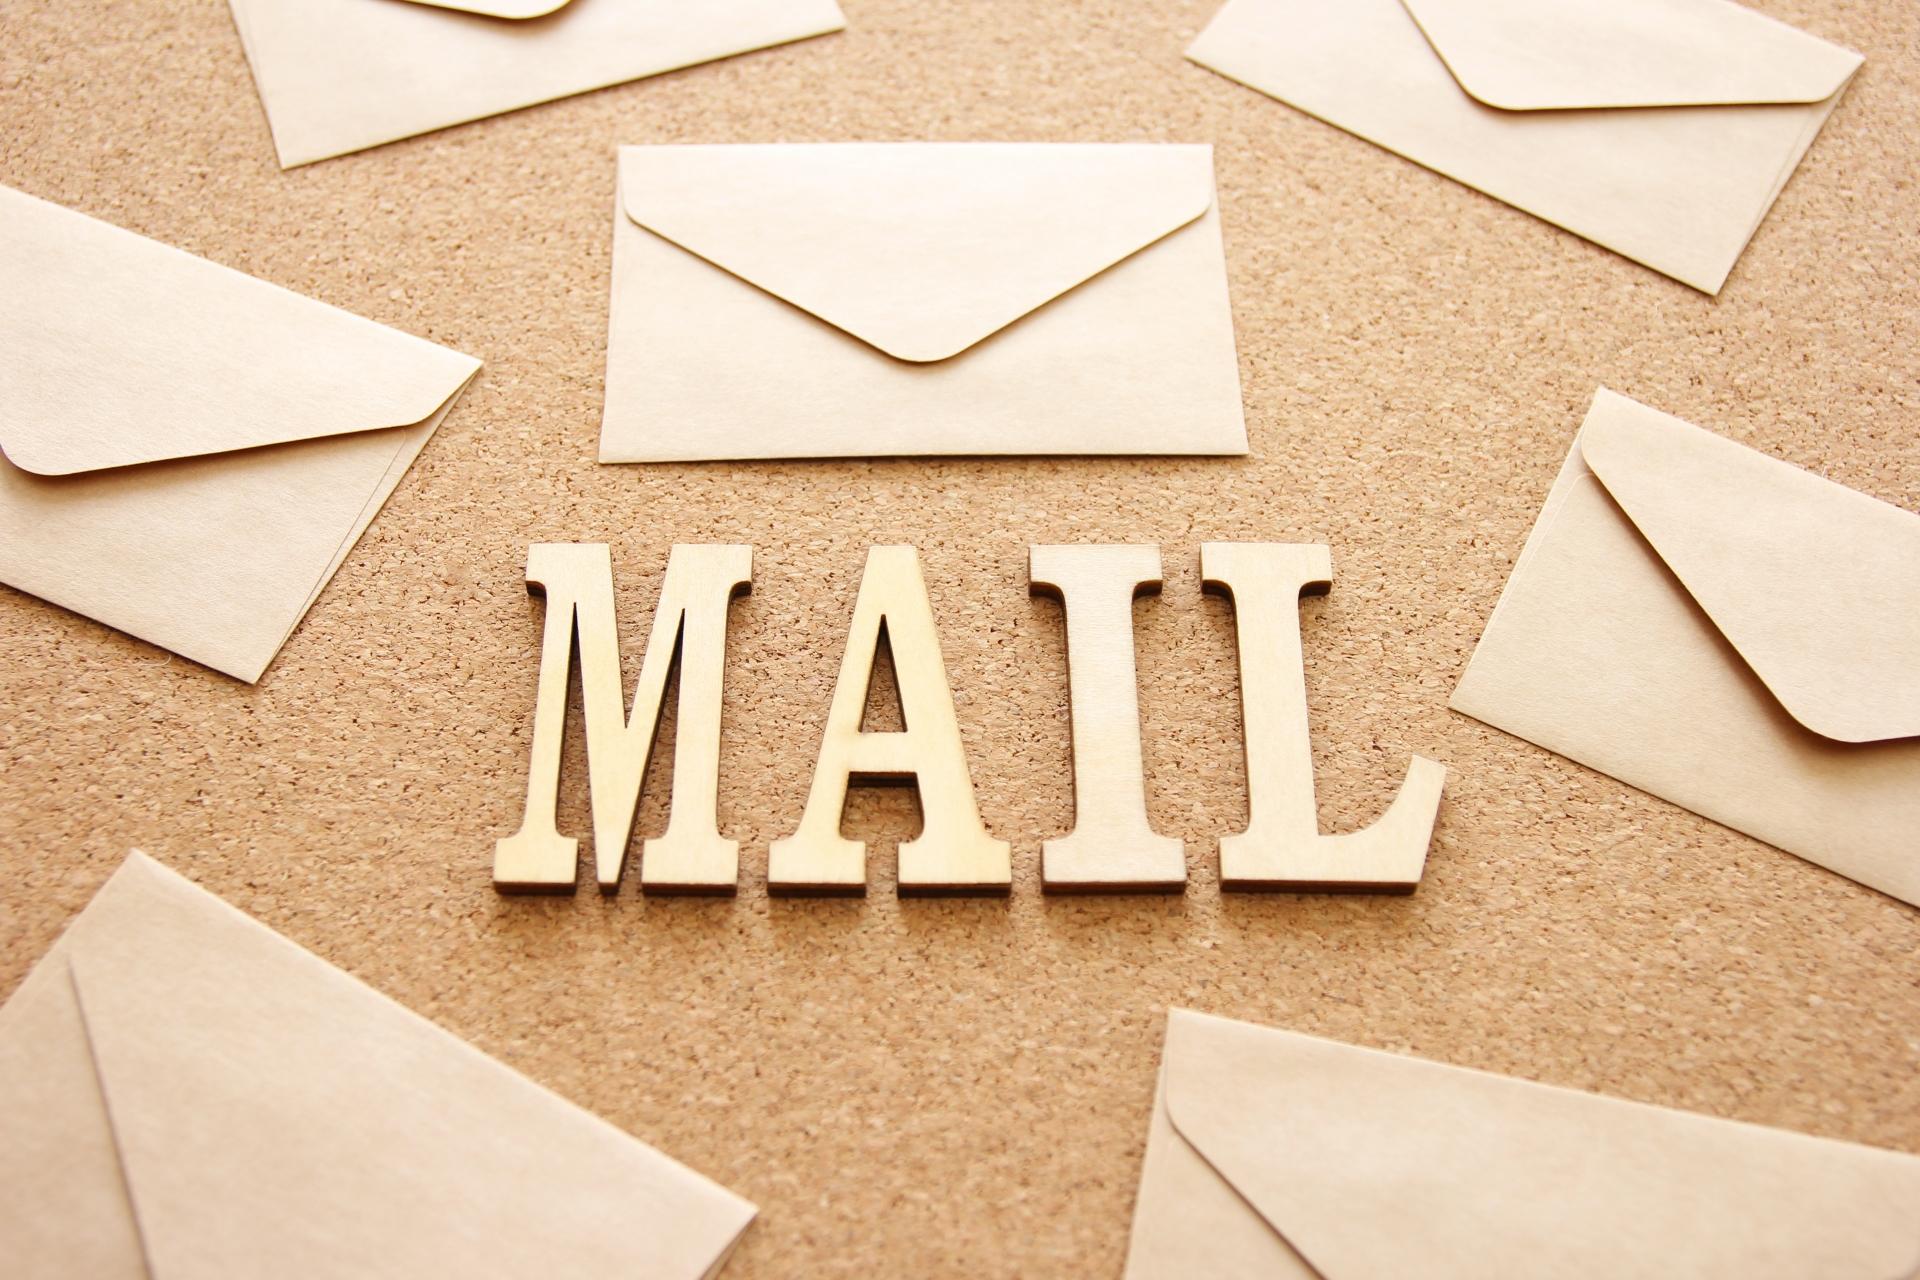 メール処理の自動化ーその現状とメリット